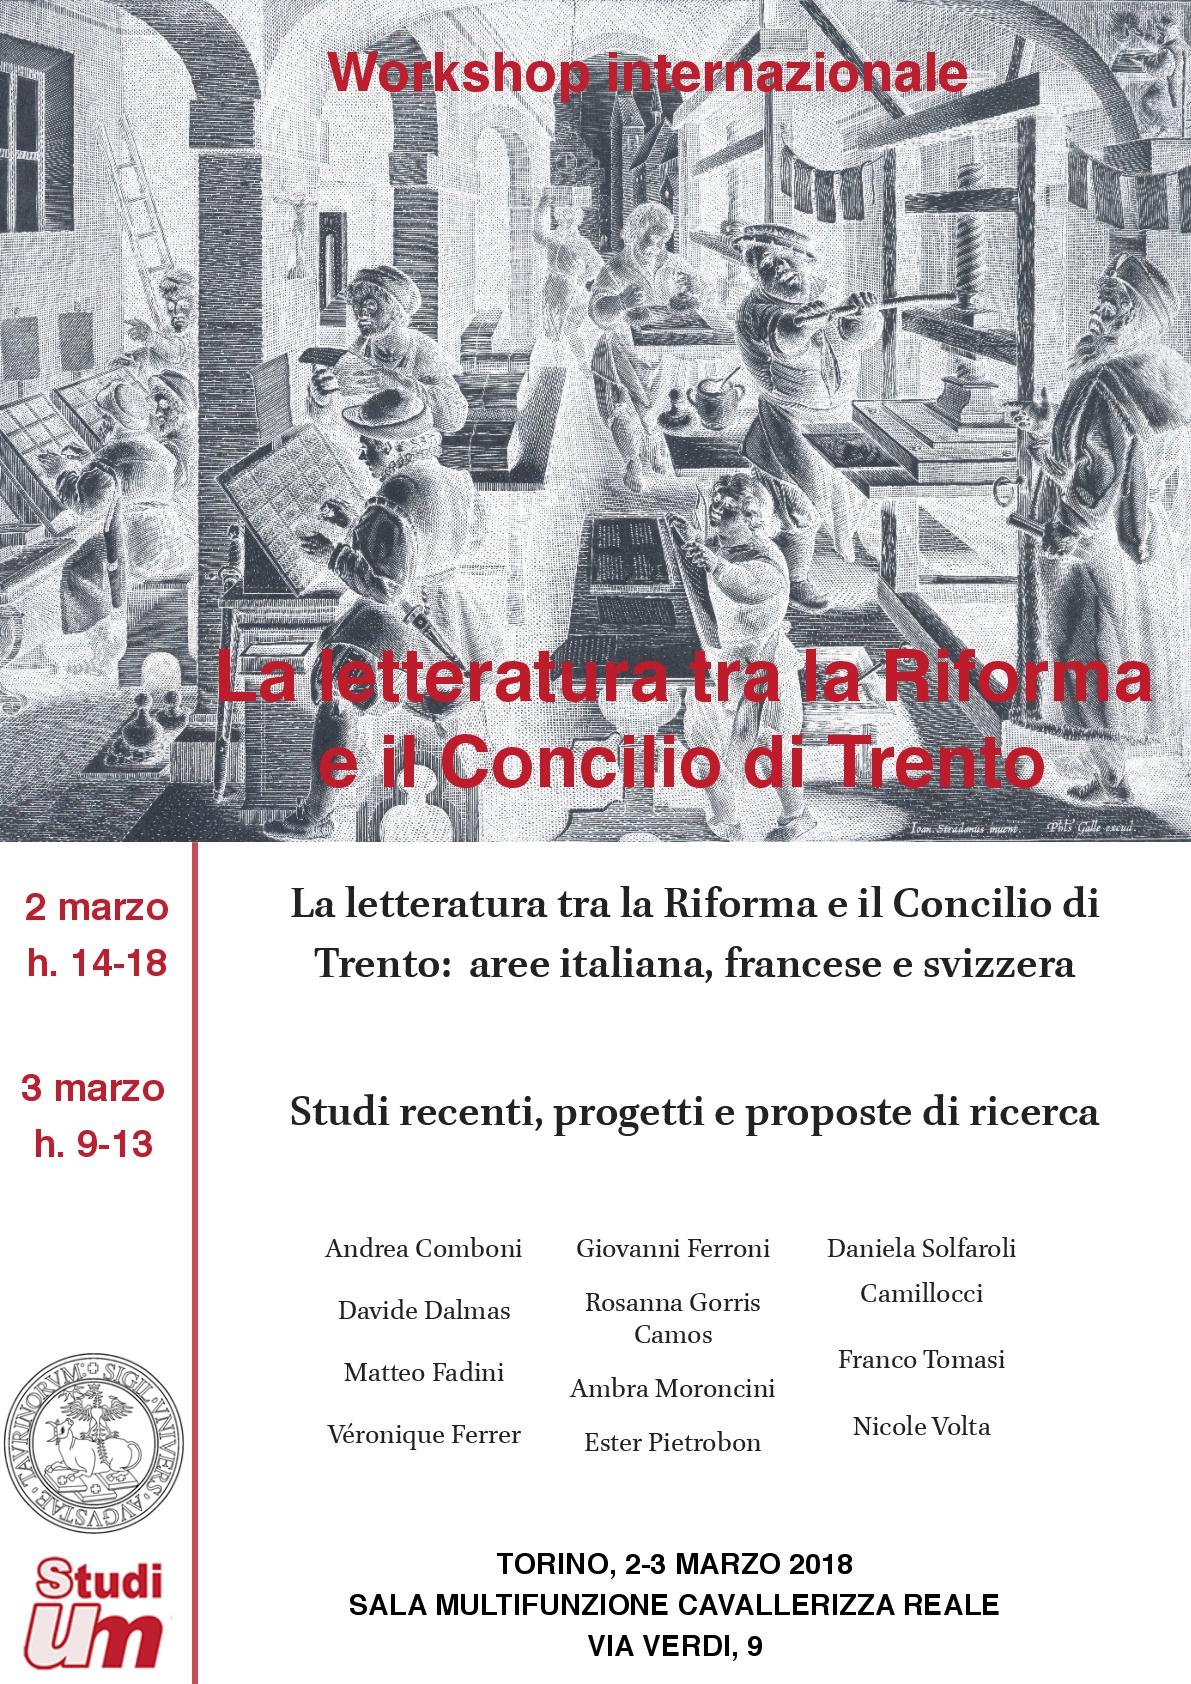 Locandina_e_programma-Letteratura_Riforma_Concilio(Torino-2_3marzo)r-001